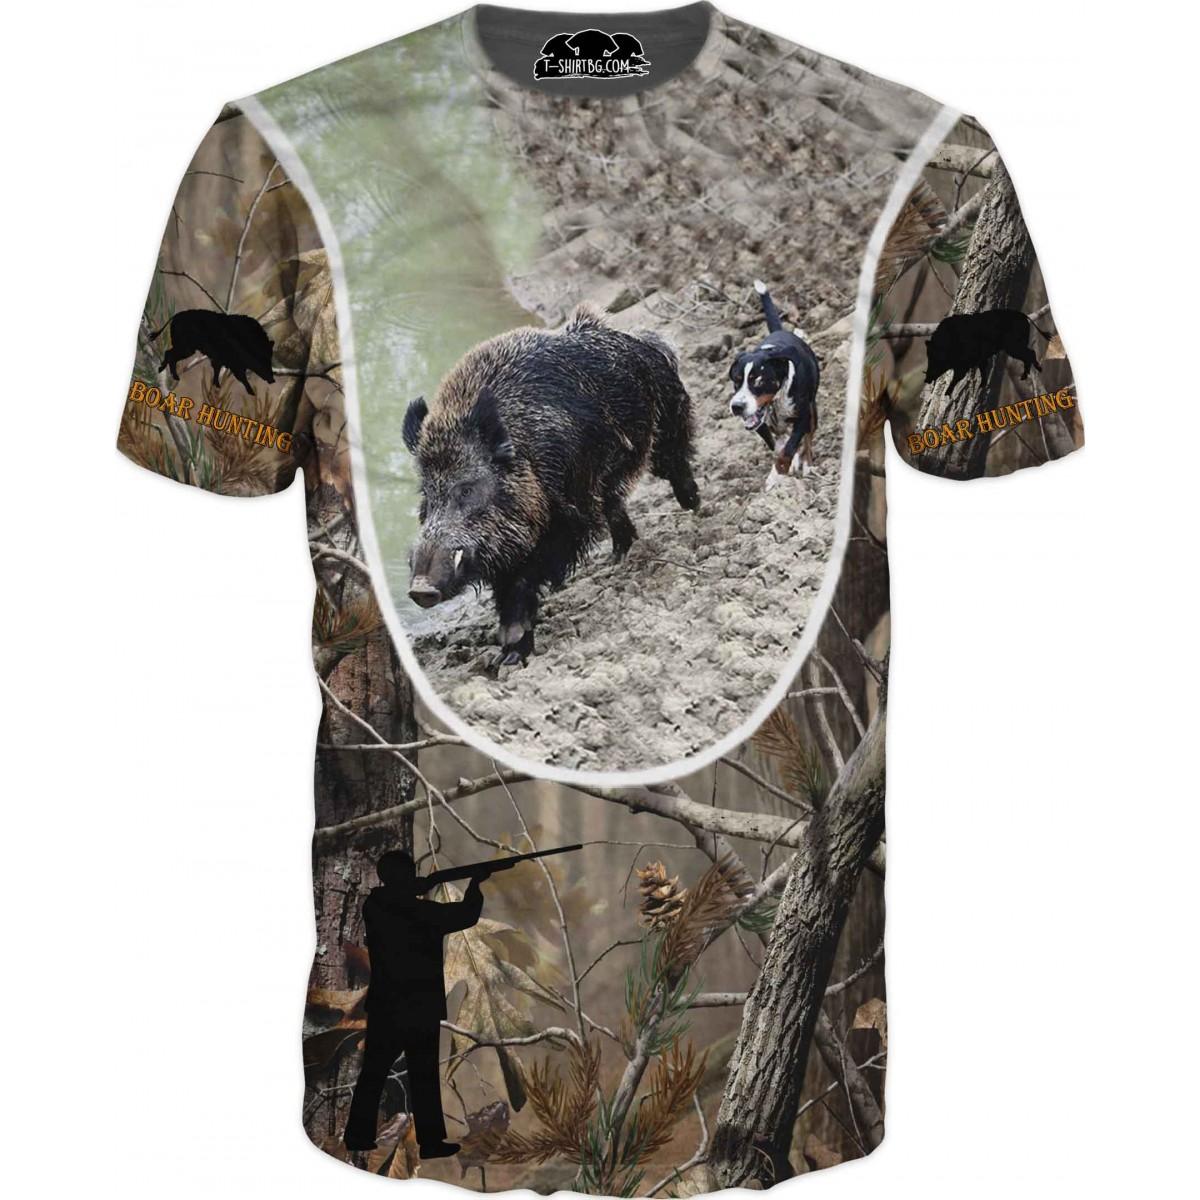 Ловна тениска - глигани на прицел